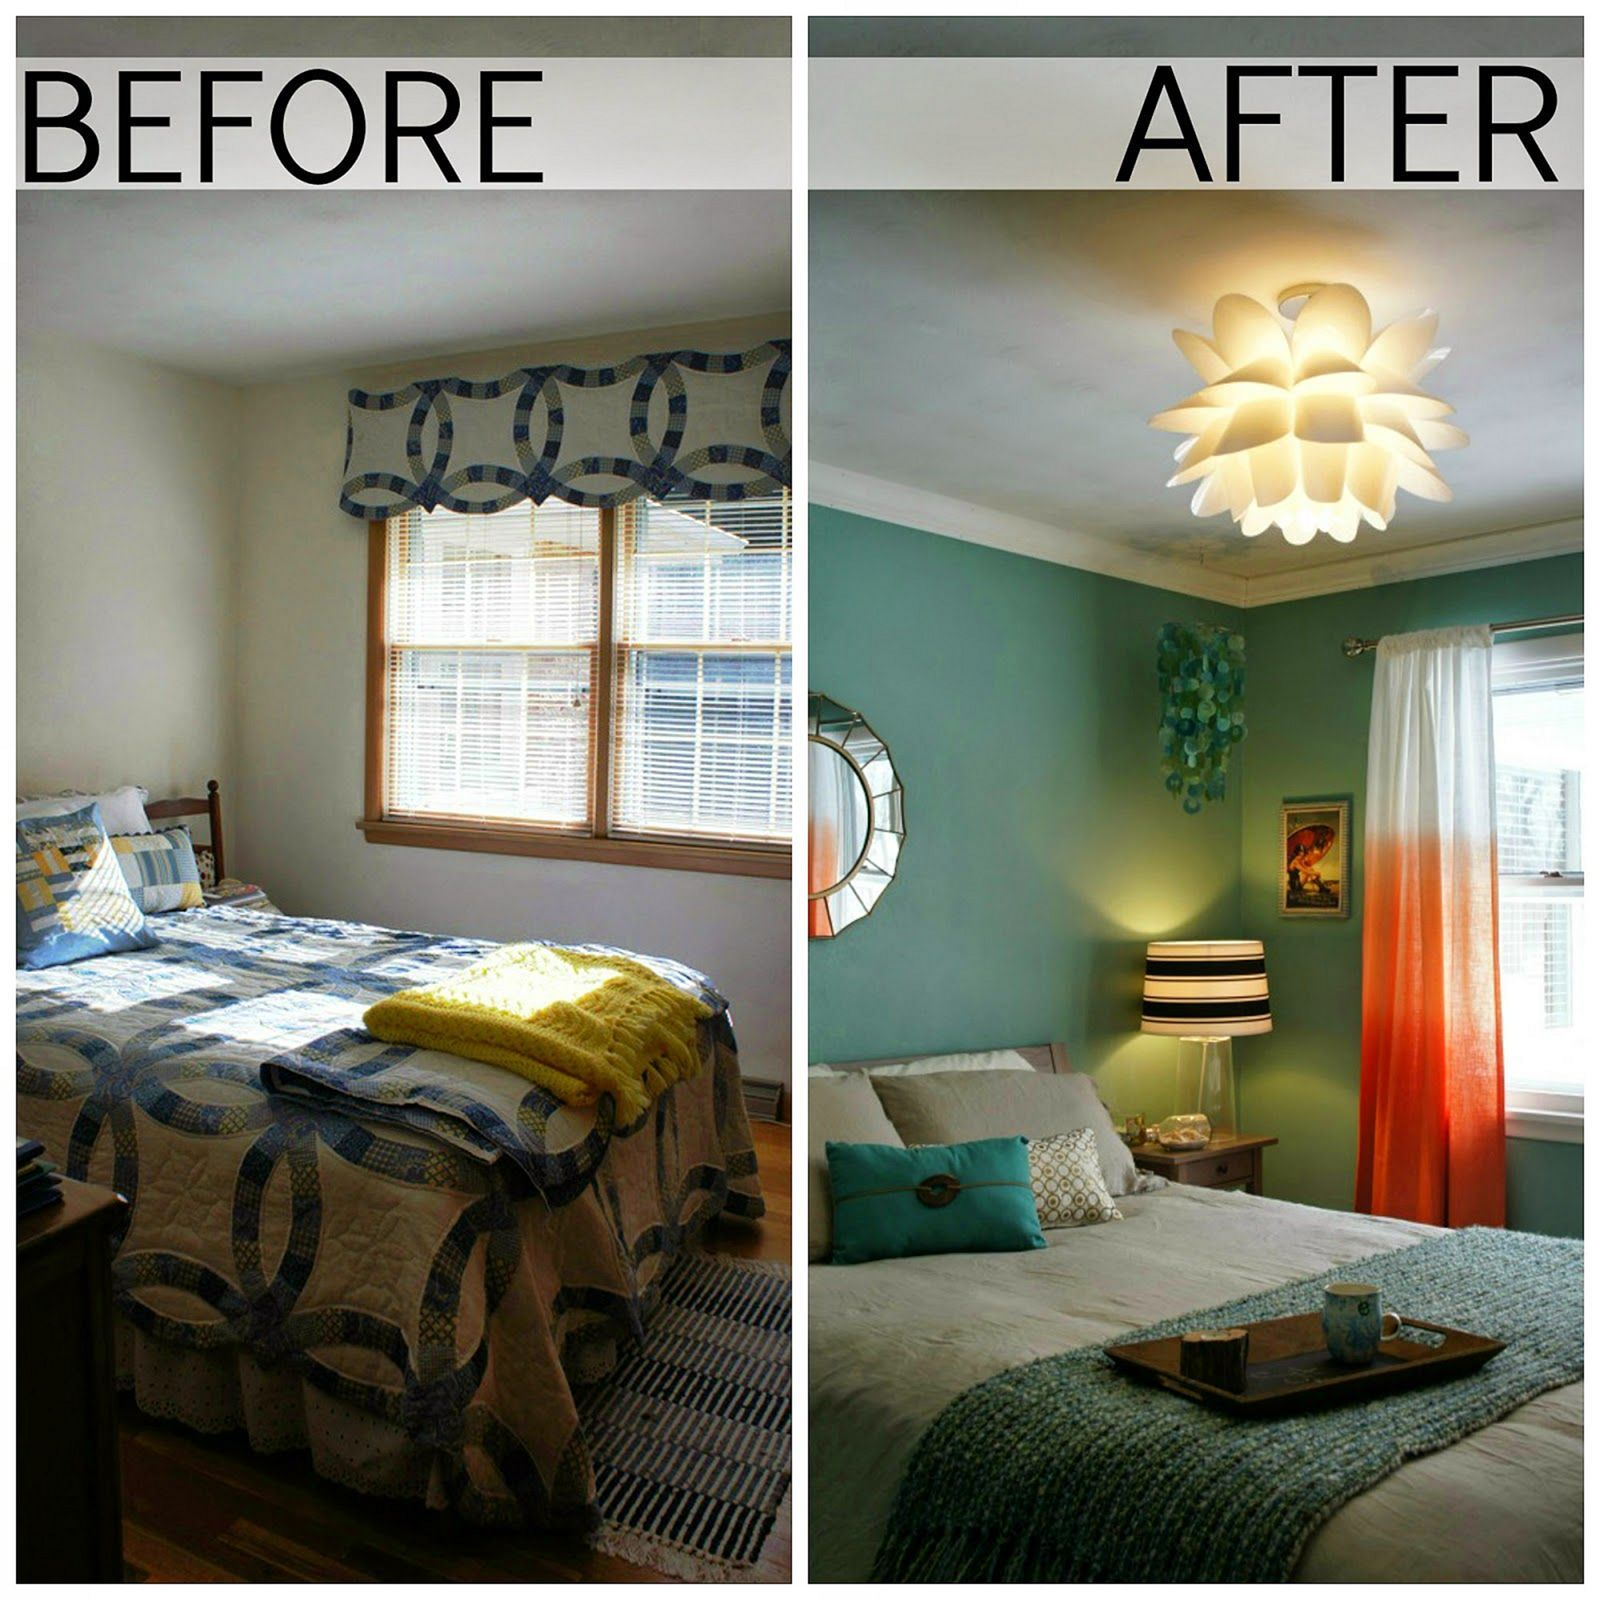 5 Best Bedroom Hack Ideas For Your Old Camper Van Bedroom (Before